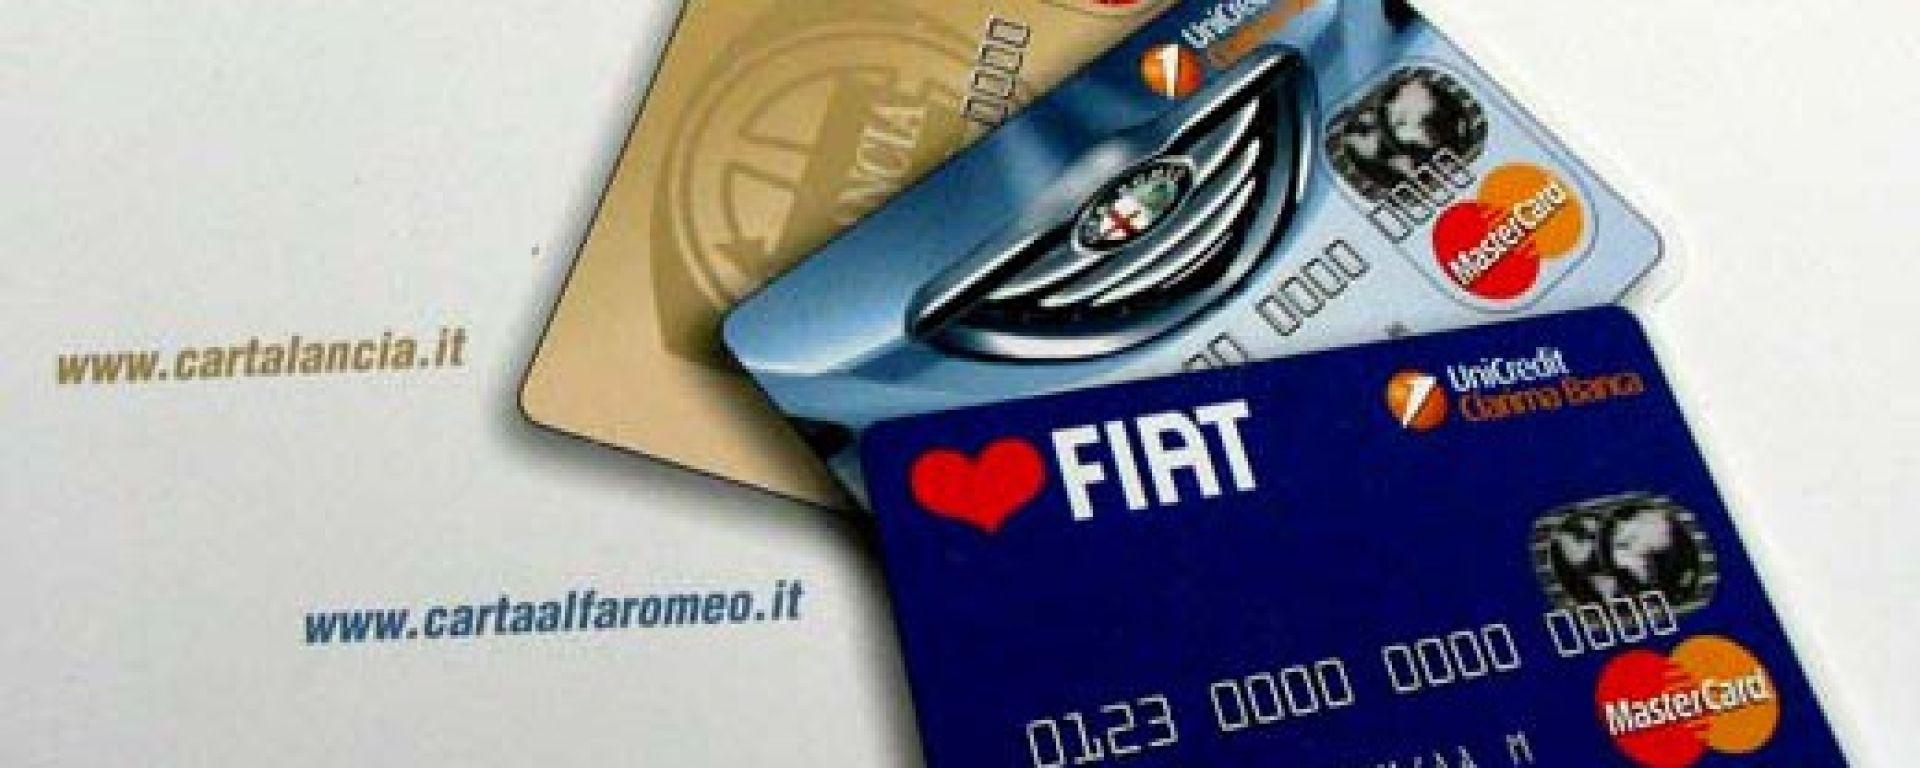 FIAT: arrivano le carte di credito